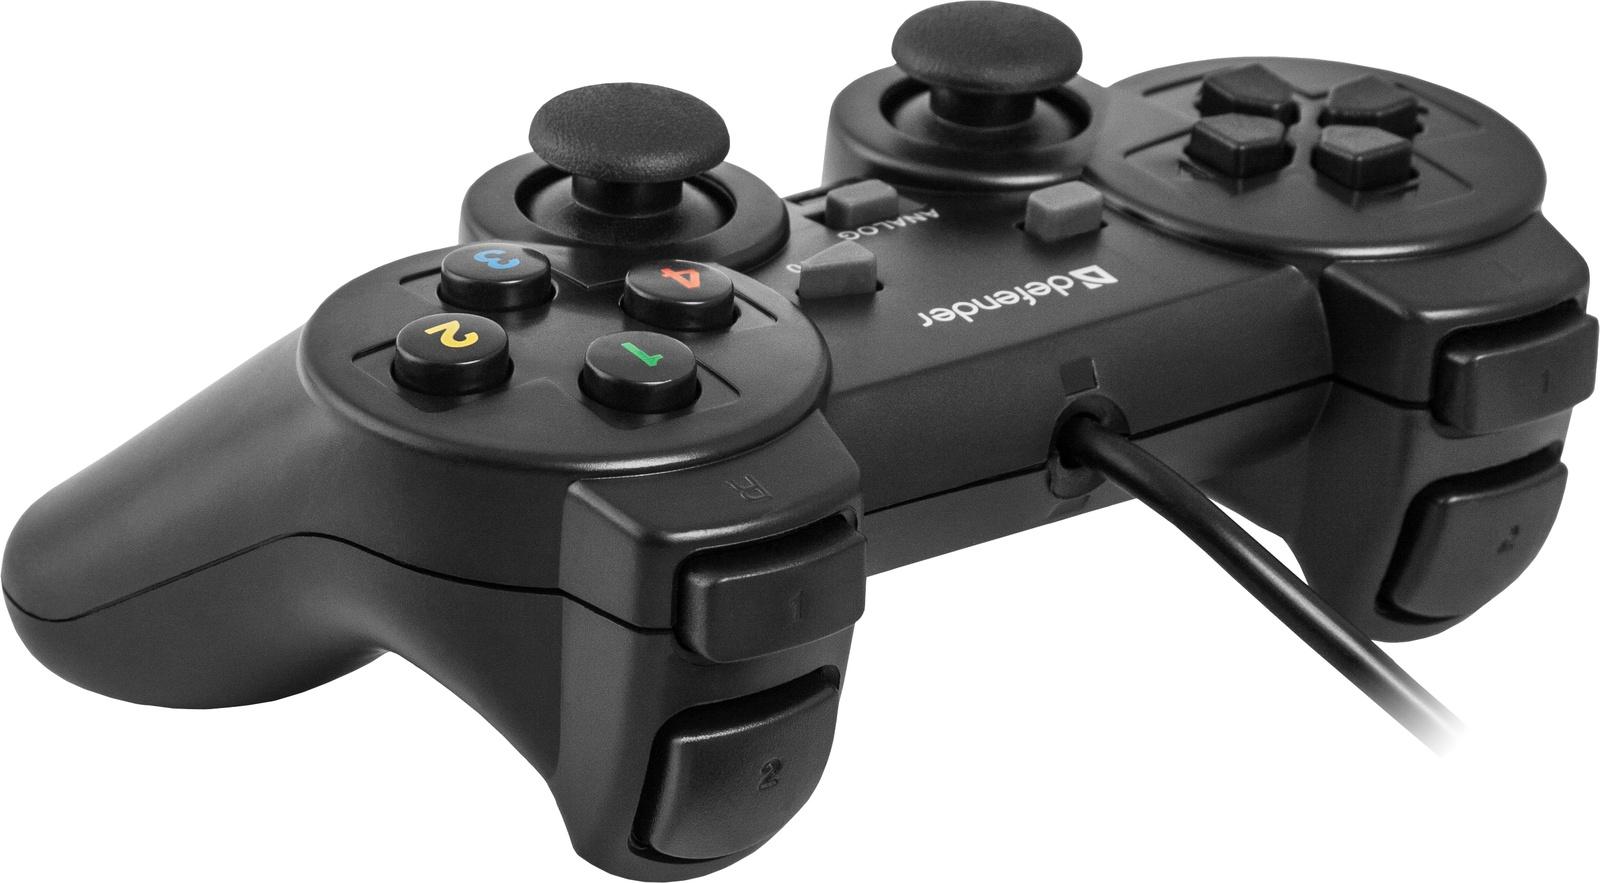 Проводной геймпад Defender Omega USB, 12 кнопок, 2 стика геймпад проводной defender omega usb 12 кнопок 2 стика